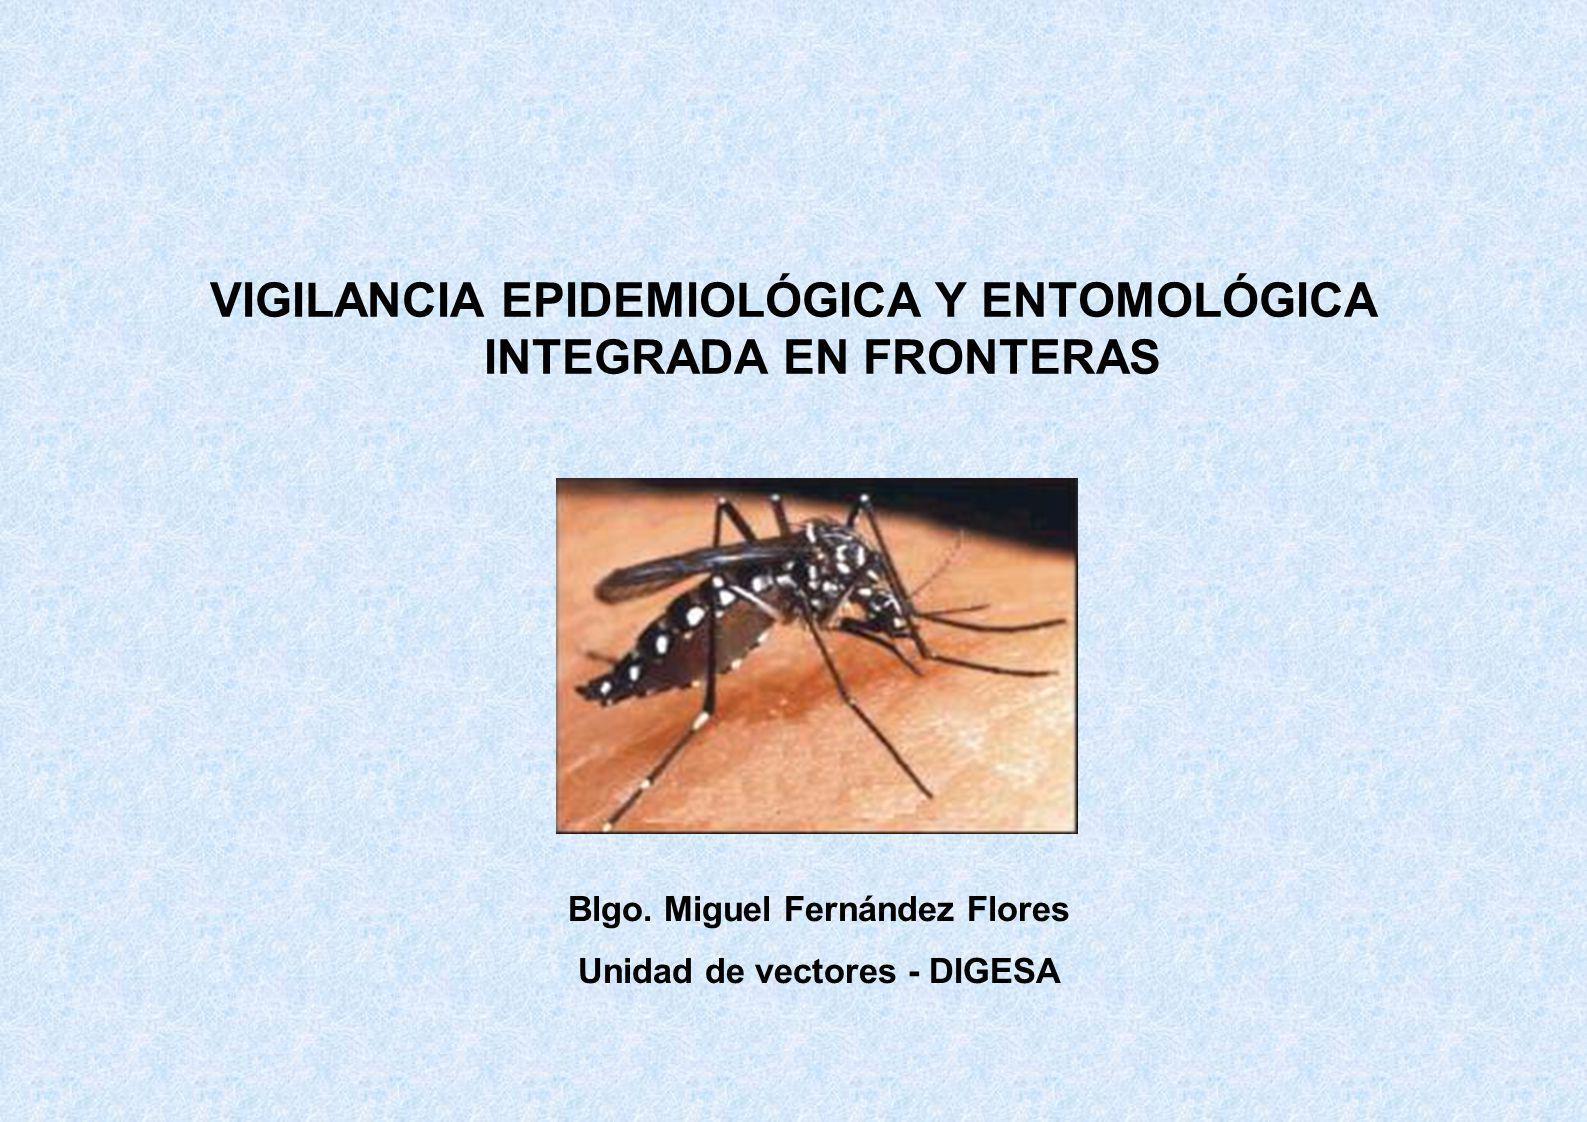 VIGILANCIA EPIDEMIOLÓGICA Y ENTOMOLÓGICA INTEGRADA EN FRONTERAS Blgo. Miguel Fernández Flores Unidad de vectores - DIGESA